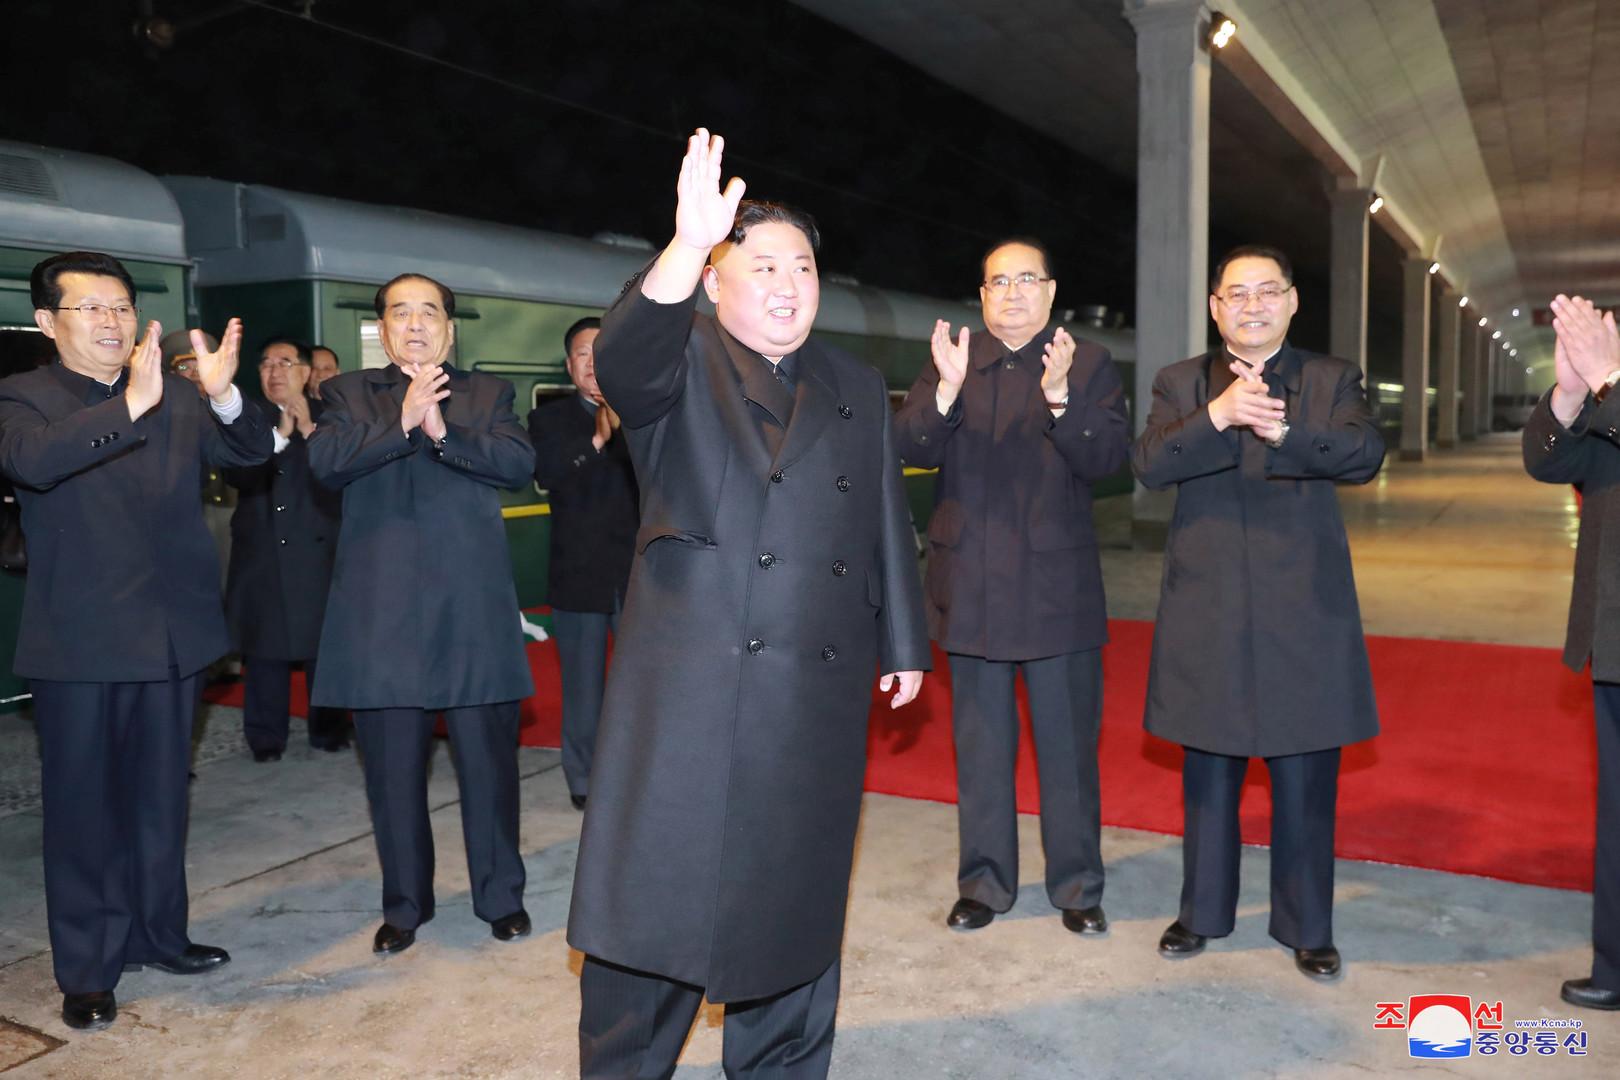 زعيم كوريا الشمالية، كيم جونغ أون، يستعد للتوجه إلى روسيا (ليلة 24 إلى 25 أبريل 2019)